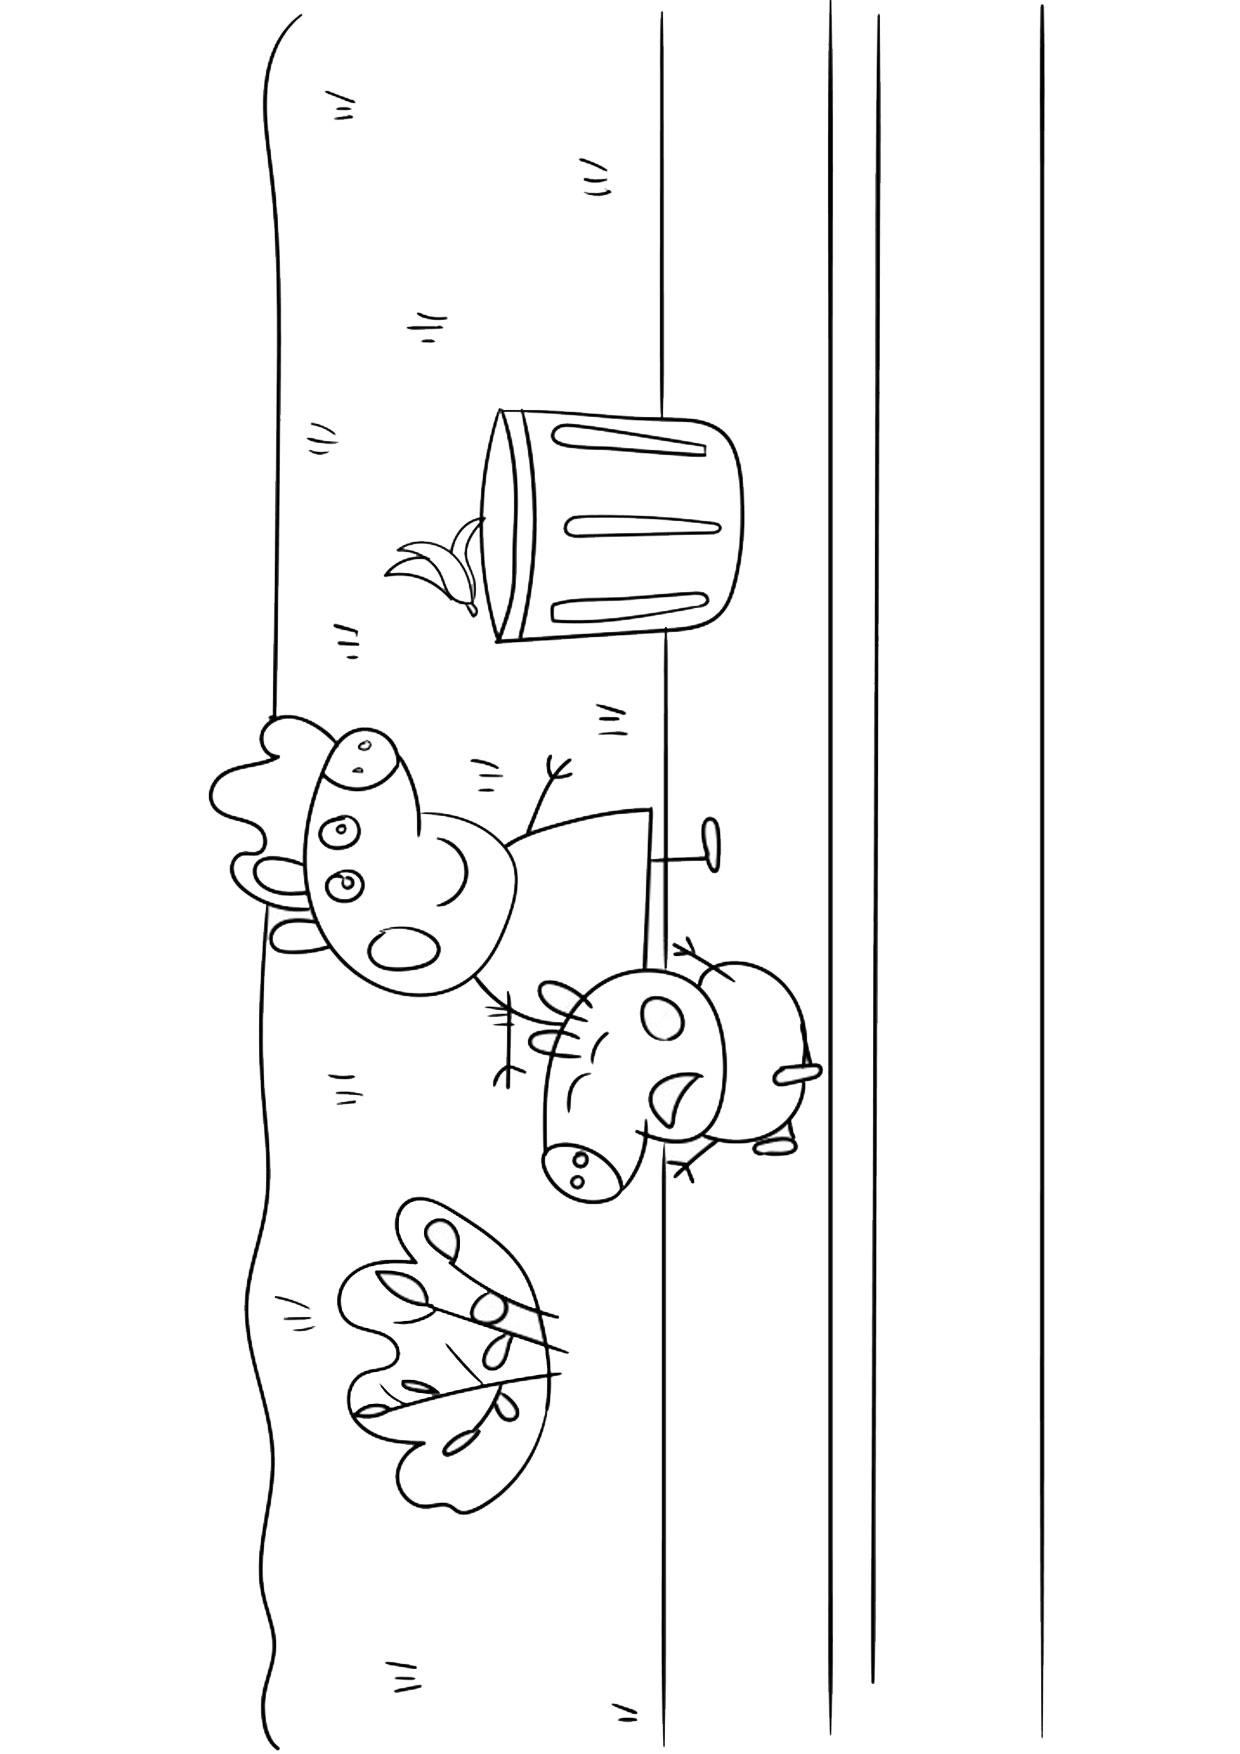 Disegno Peppa Pig da colorare 35